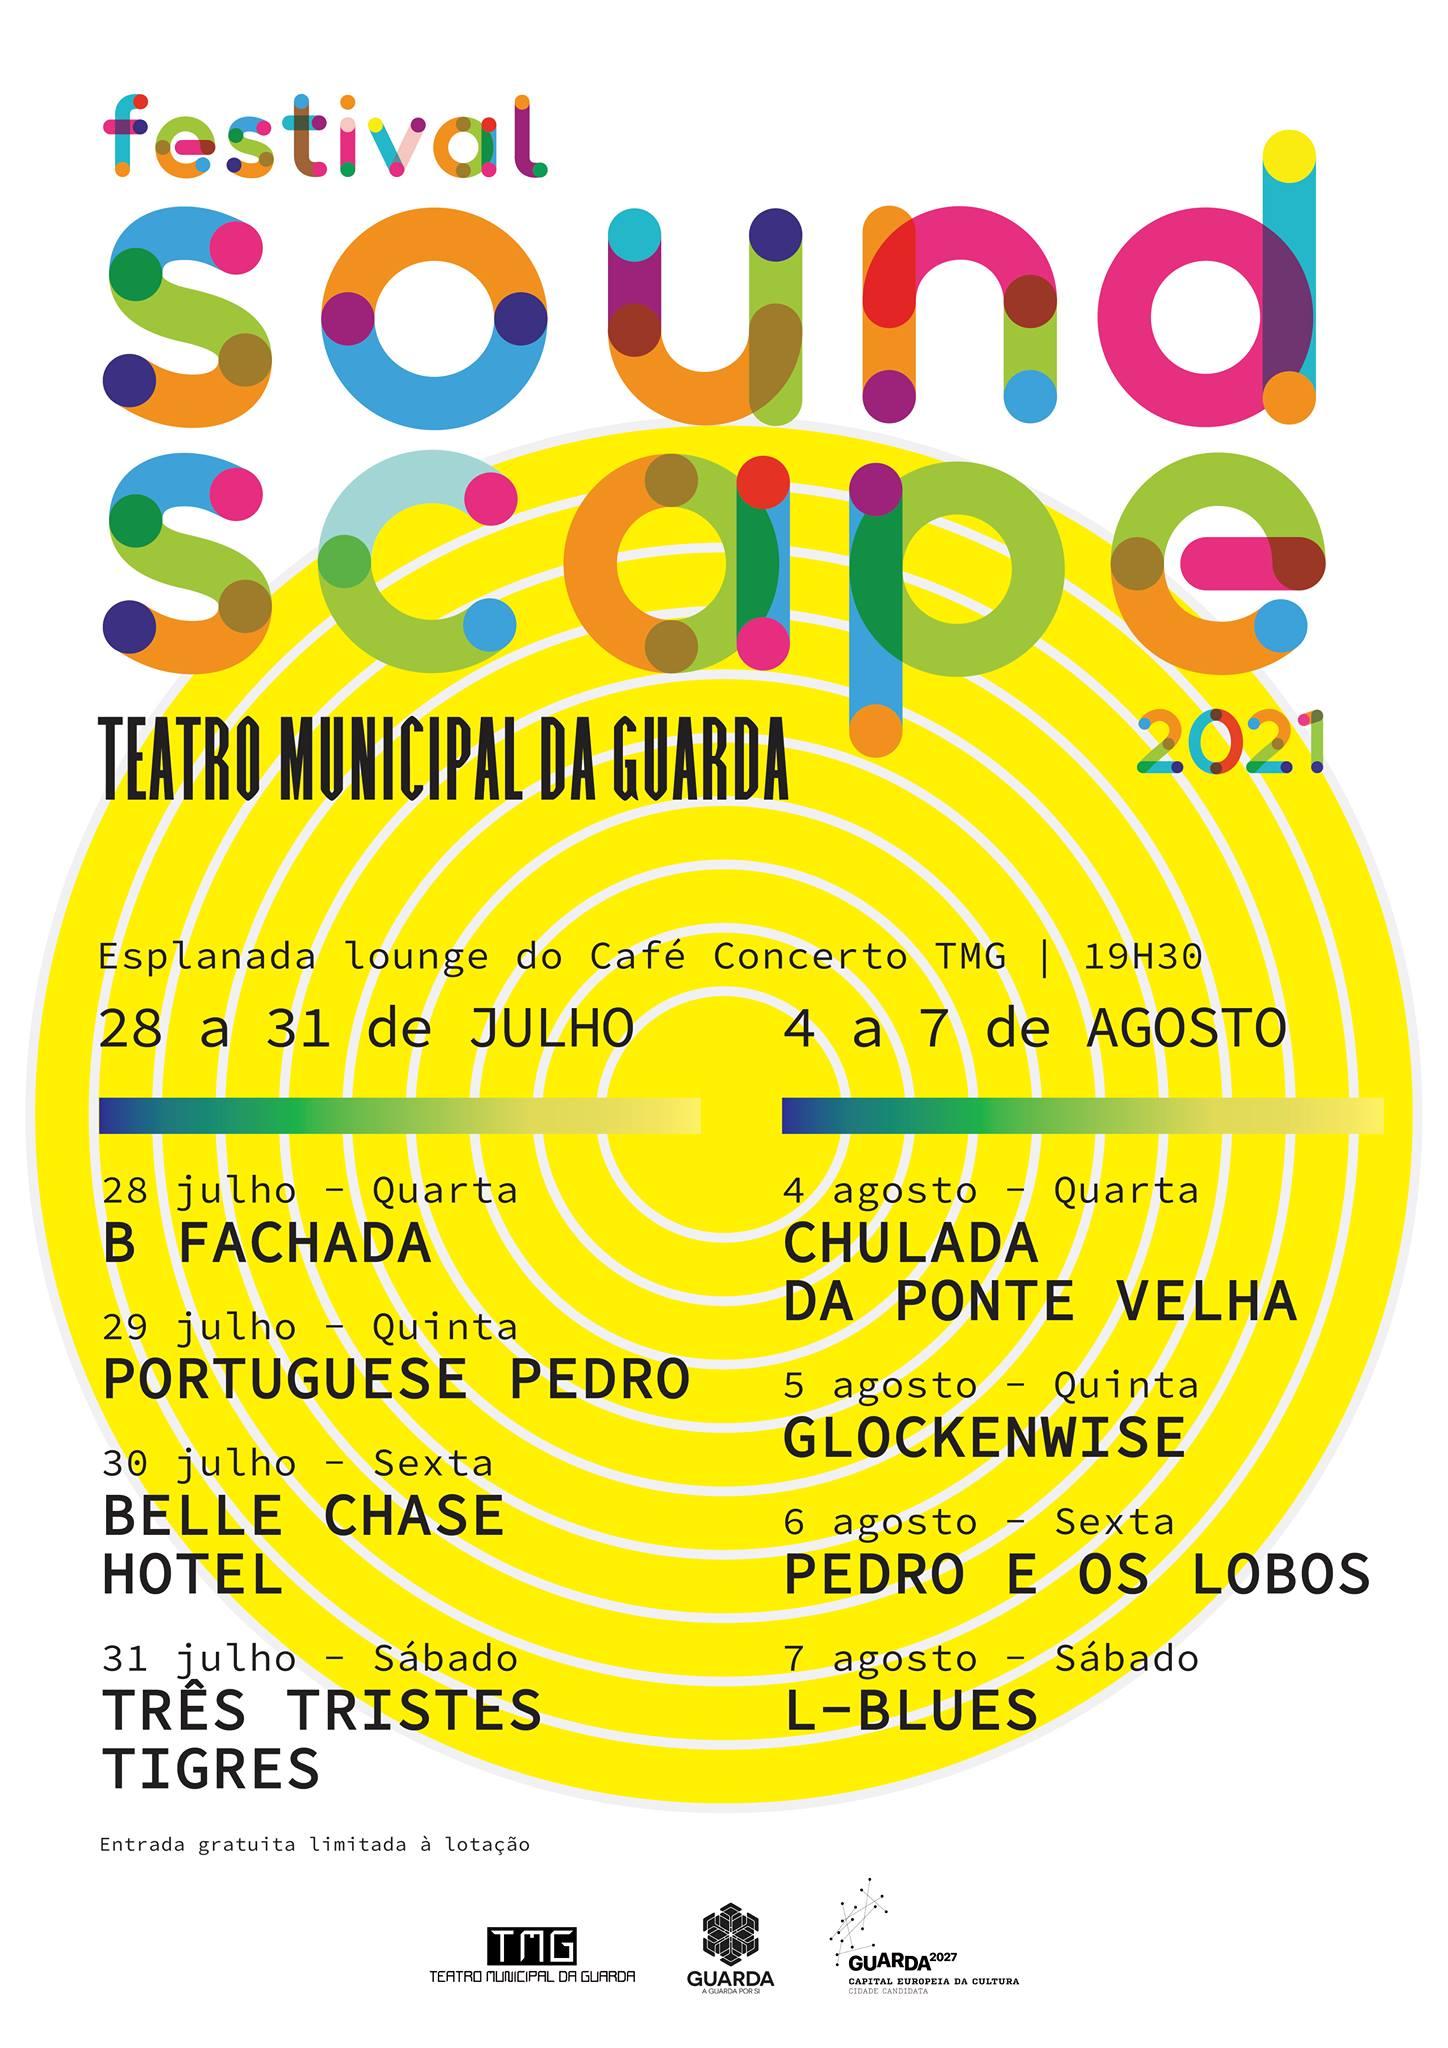 Imagem: Em julho e agosto há música ao ar livre no Teatro Municipal da Guarda